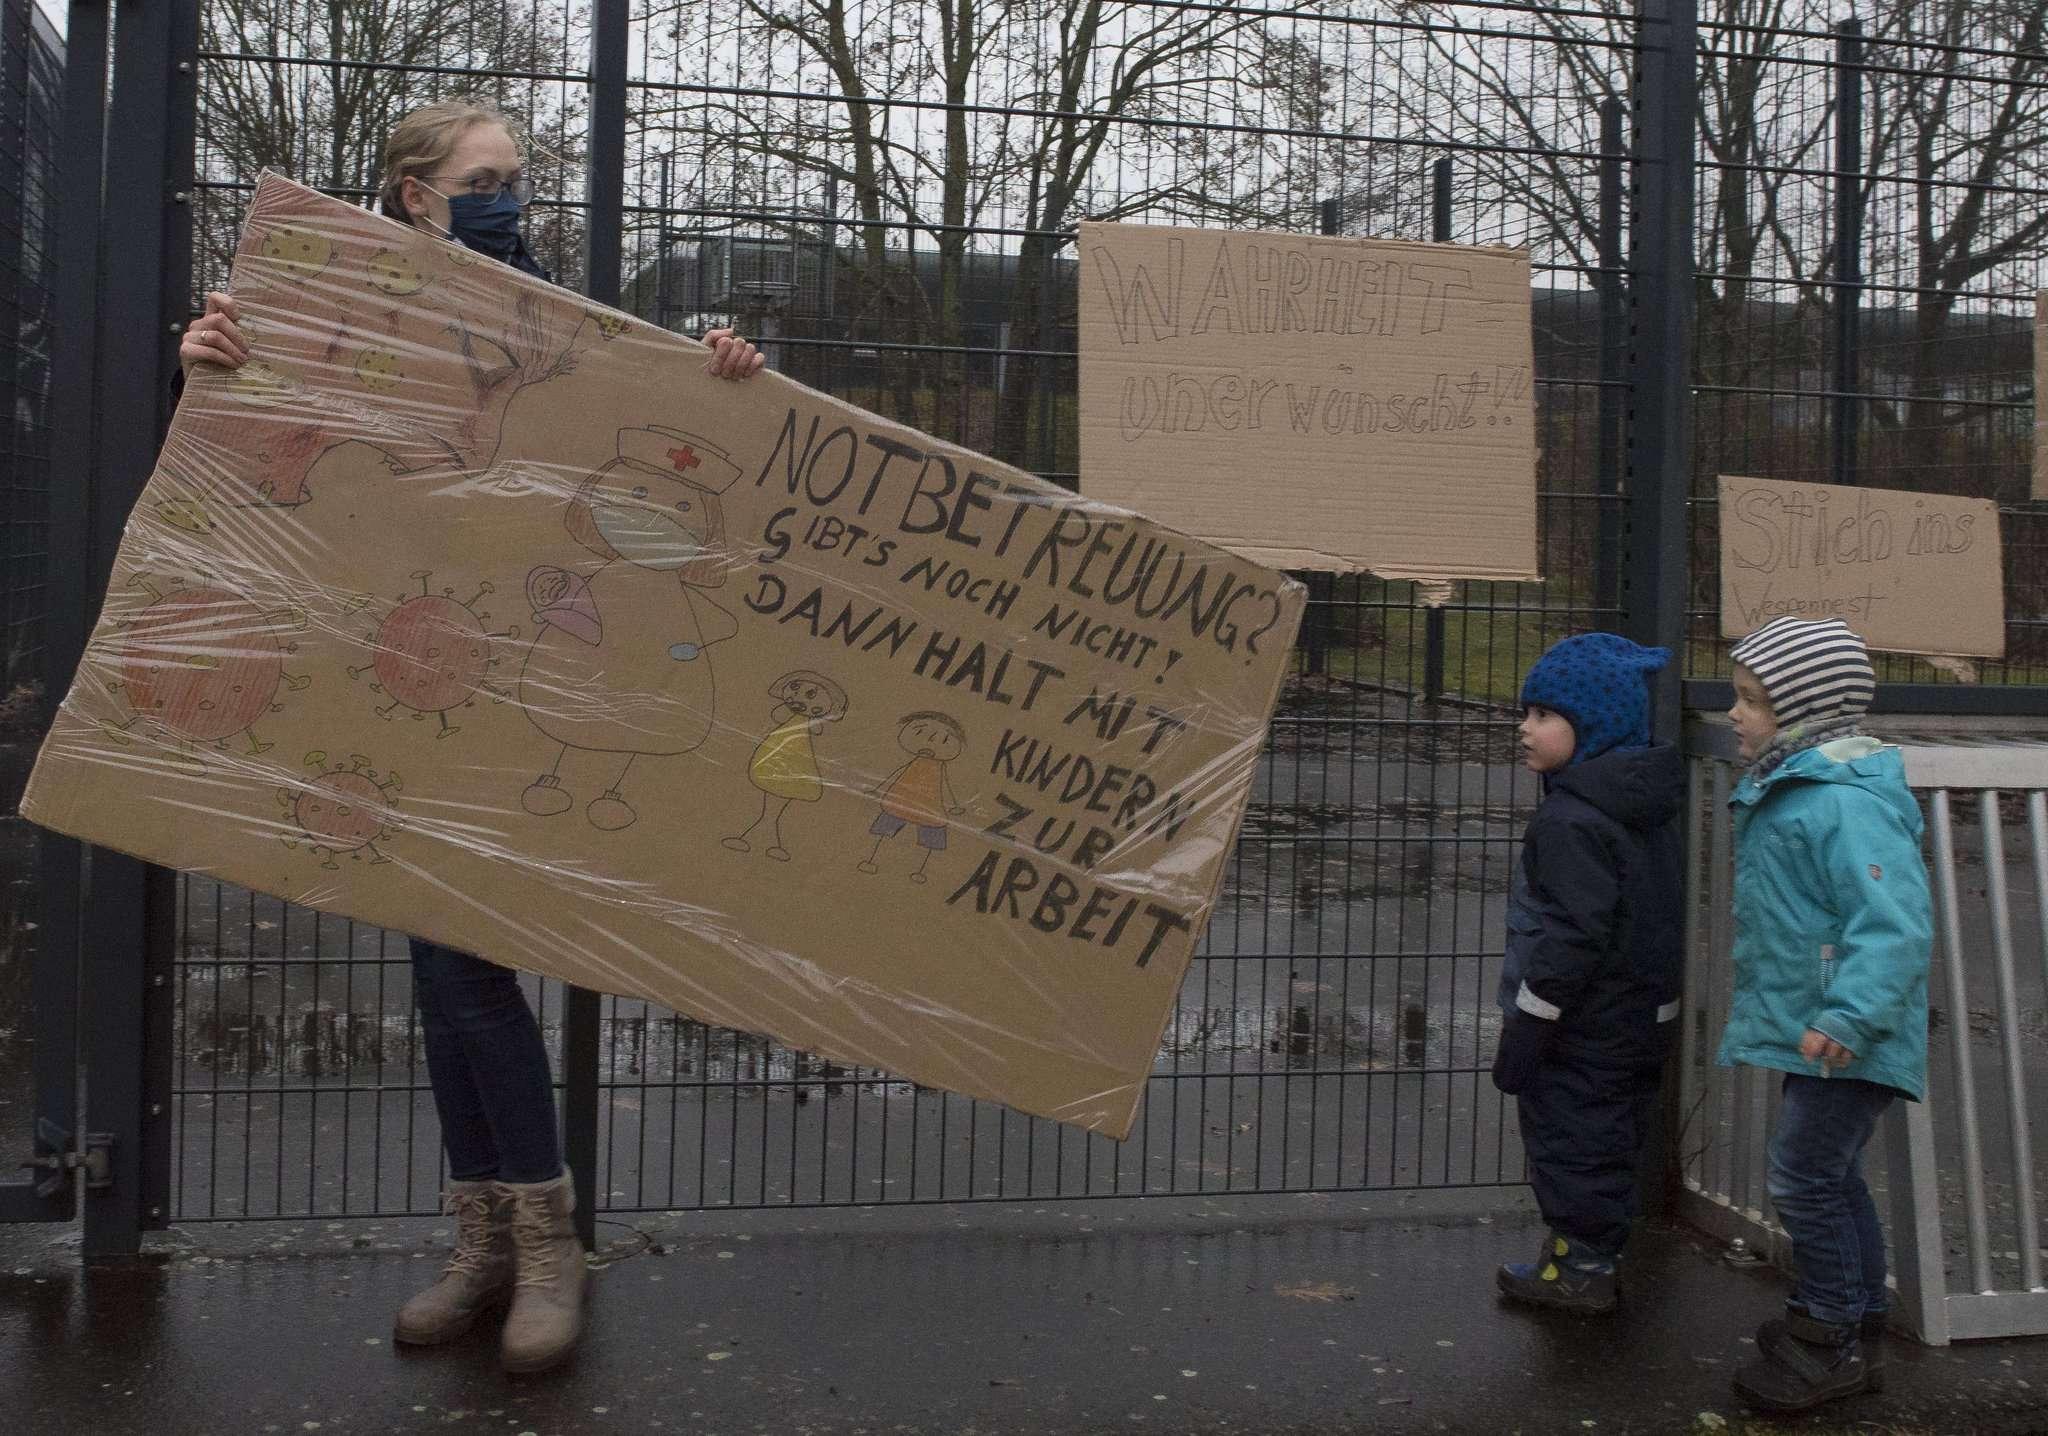 Keine Viertelstunde nachdem die Eltern die Plakate aufgehängt hatten, nahm die Verwaltung sie wieder ab. Foto: Ulla Heyne